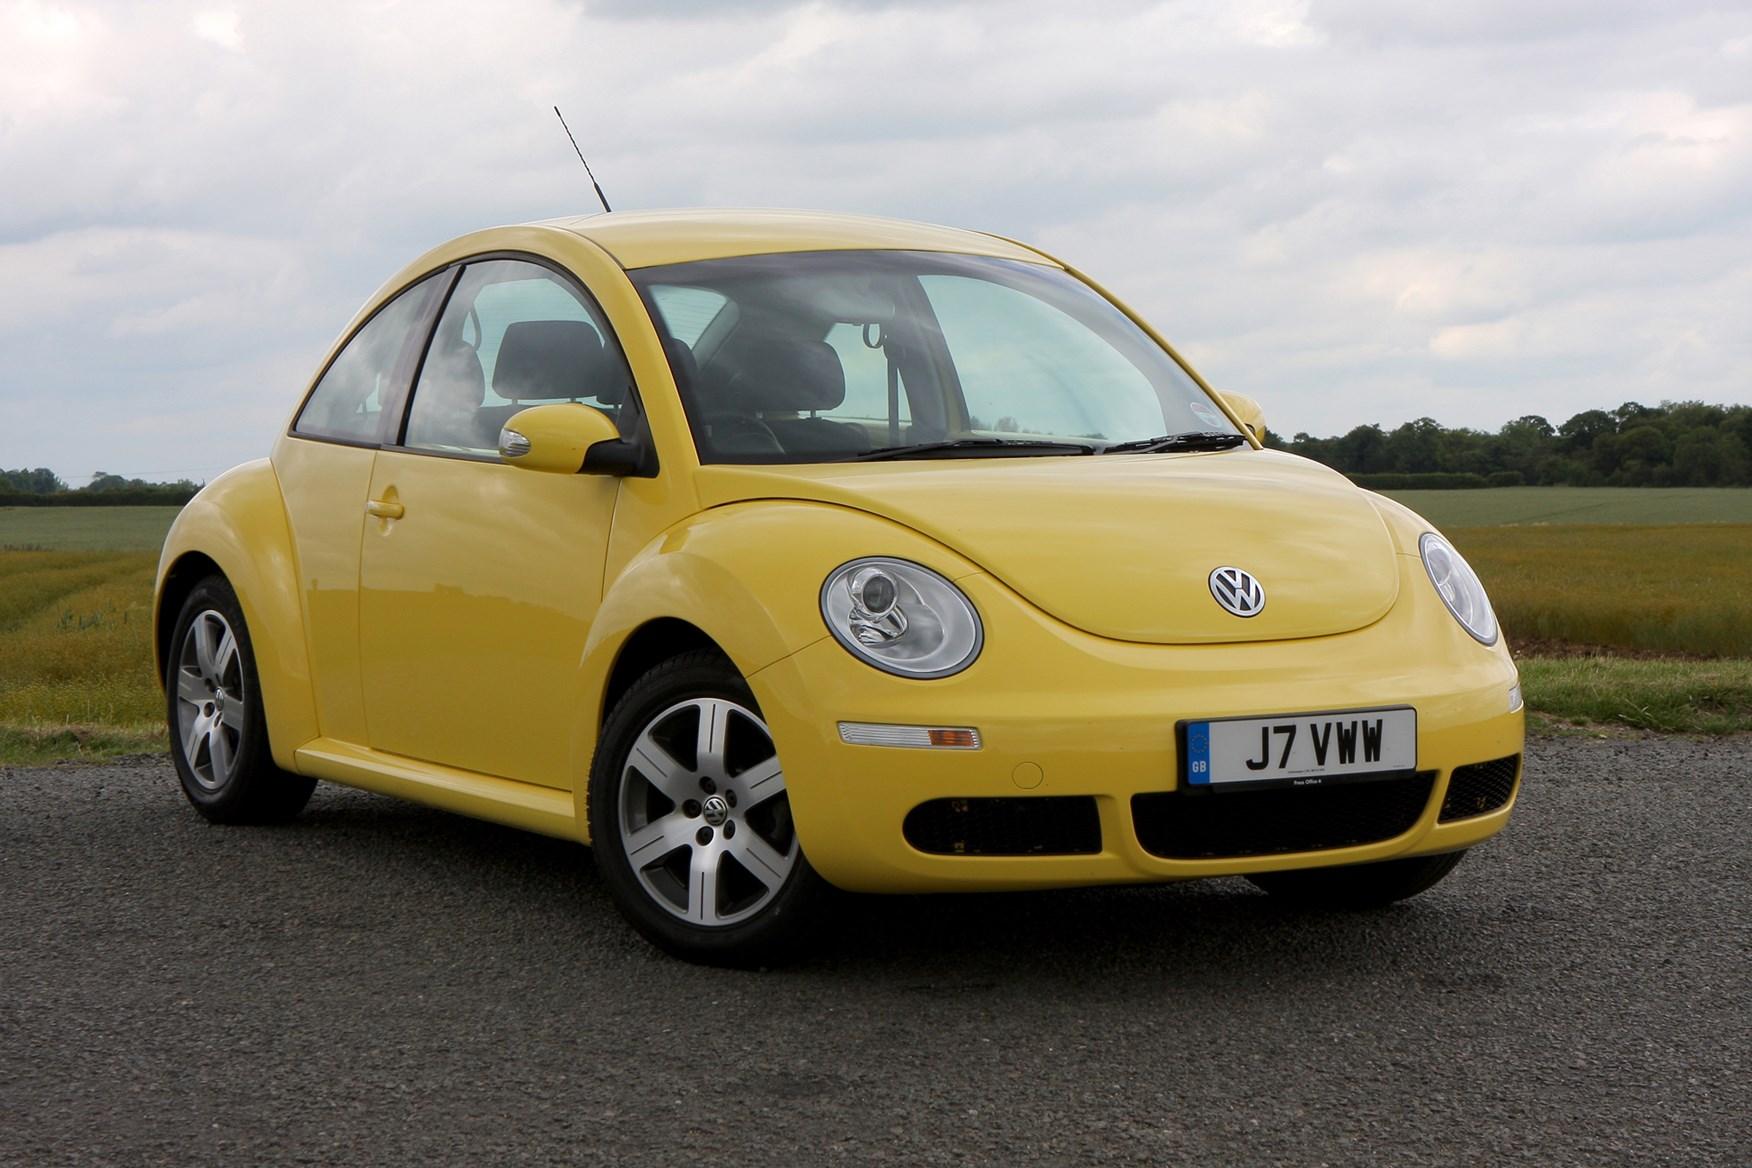 volkswagen beetle hatchback review 1999 2010 parkers. Black Bedroom Furniture Sets. Home Design Ideas